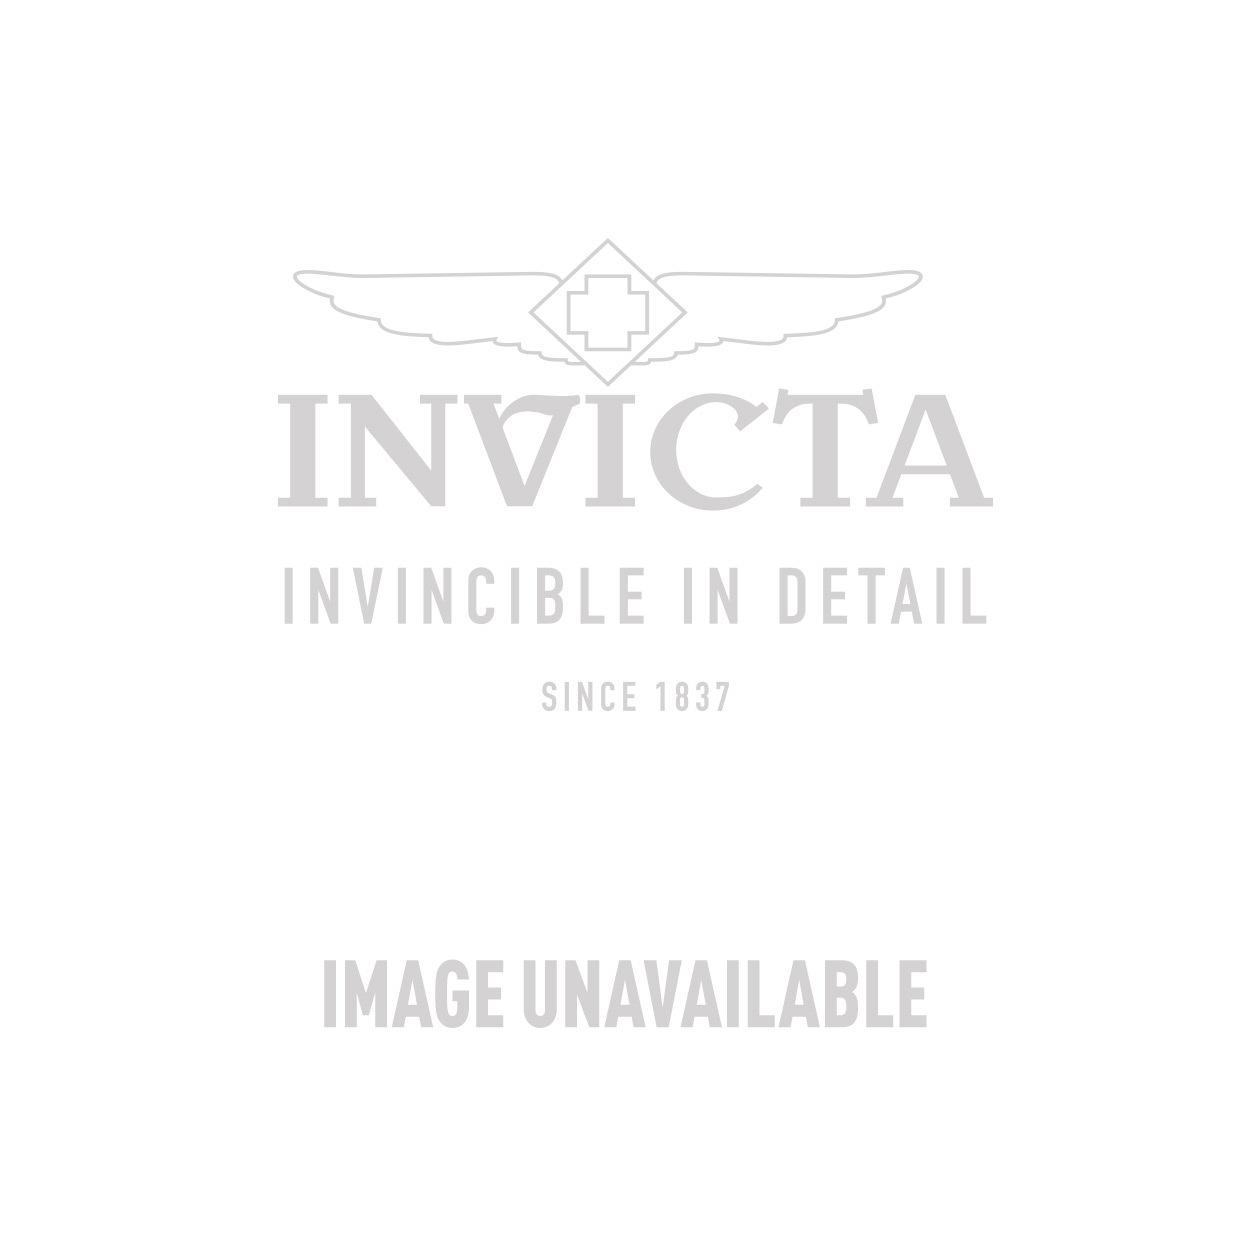 Invicta Model 27976